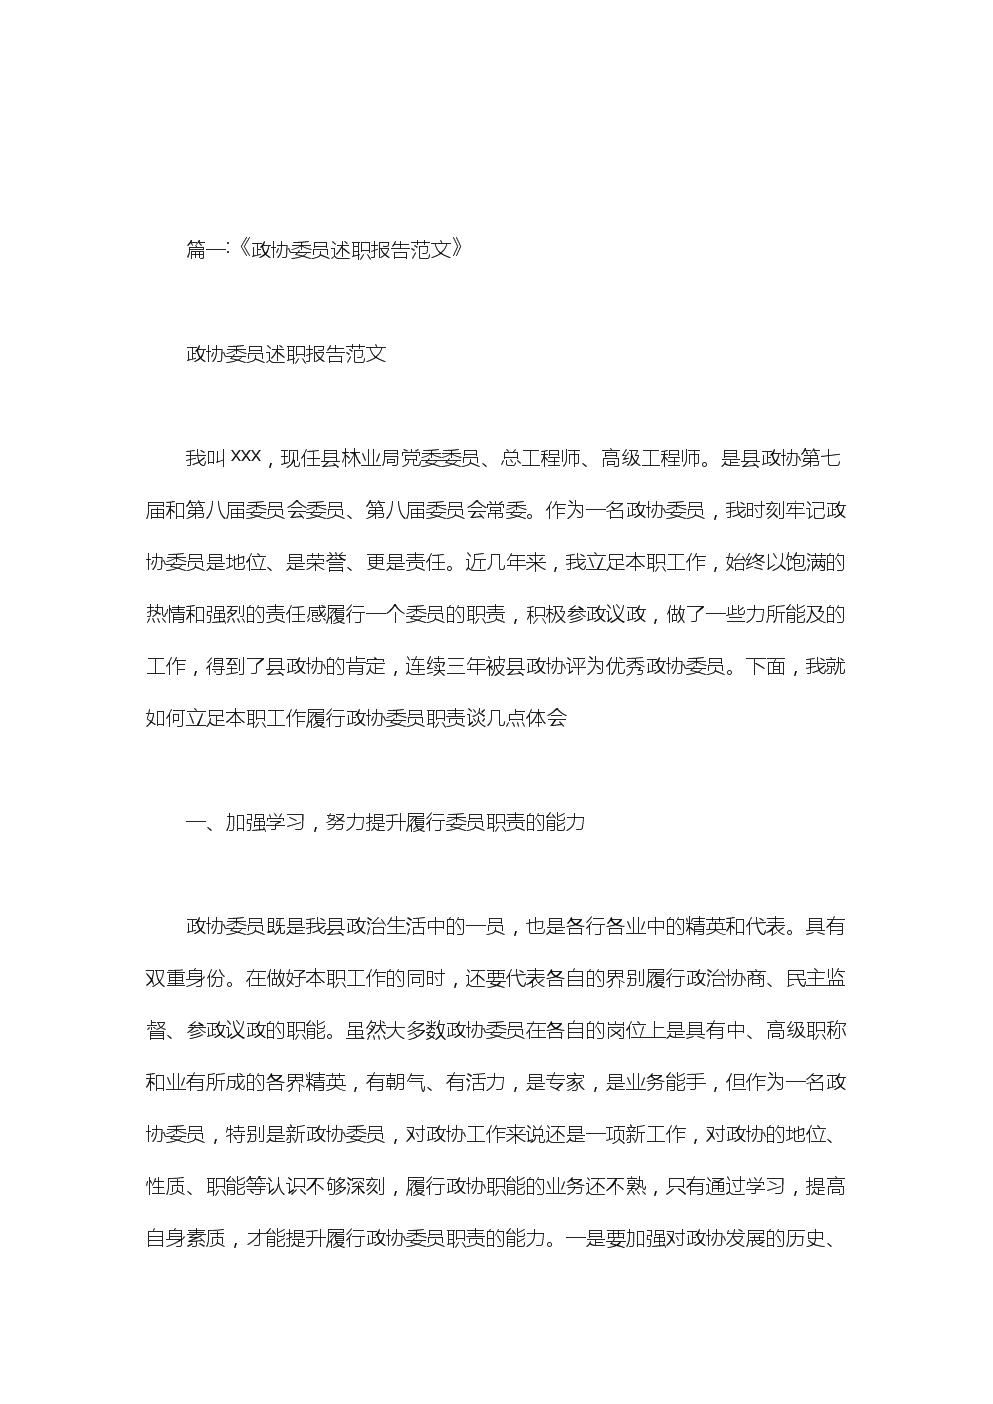 政协委员考察报告范文.doc